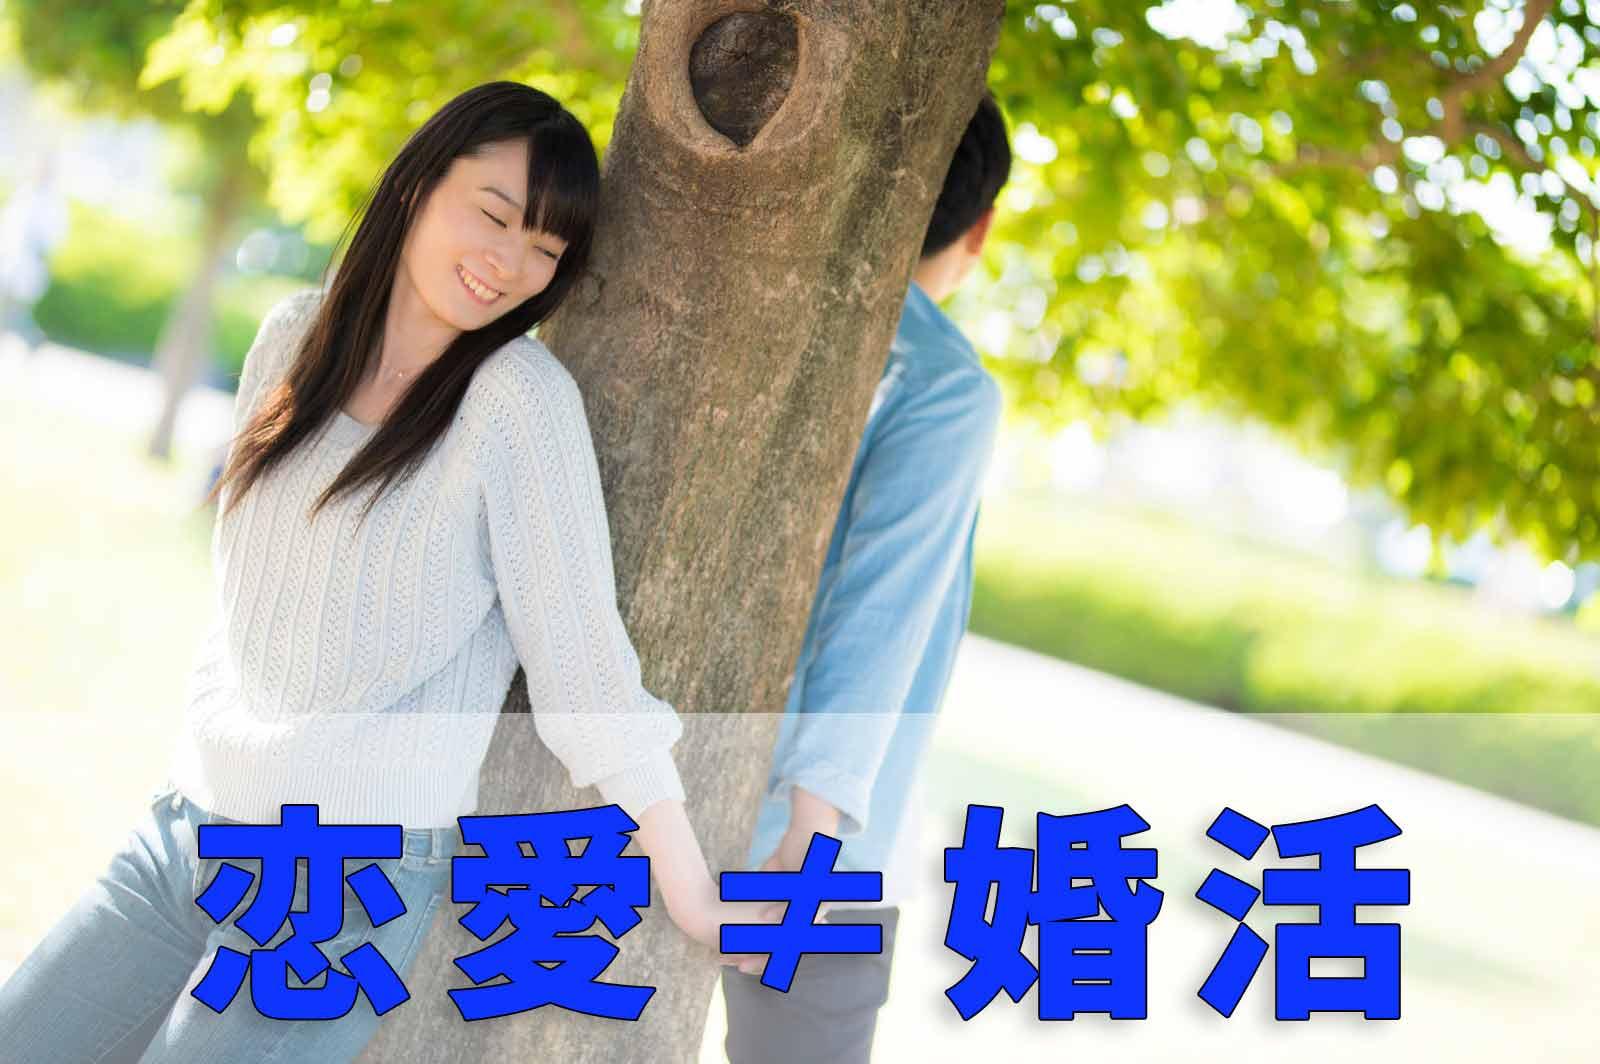 恋愛≠婚活と書かれたテキストと木の幹を挟んで背面で手を繋ぐカップル